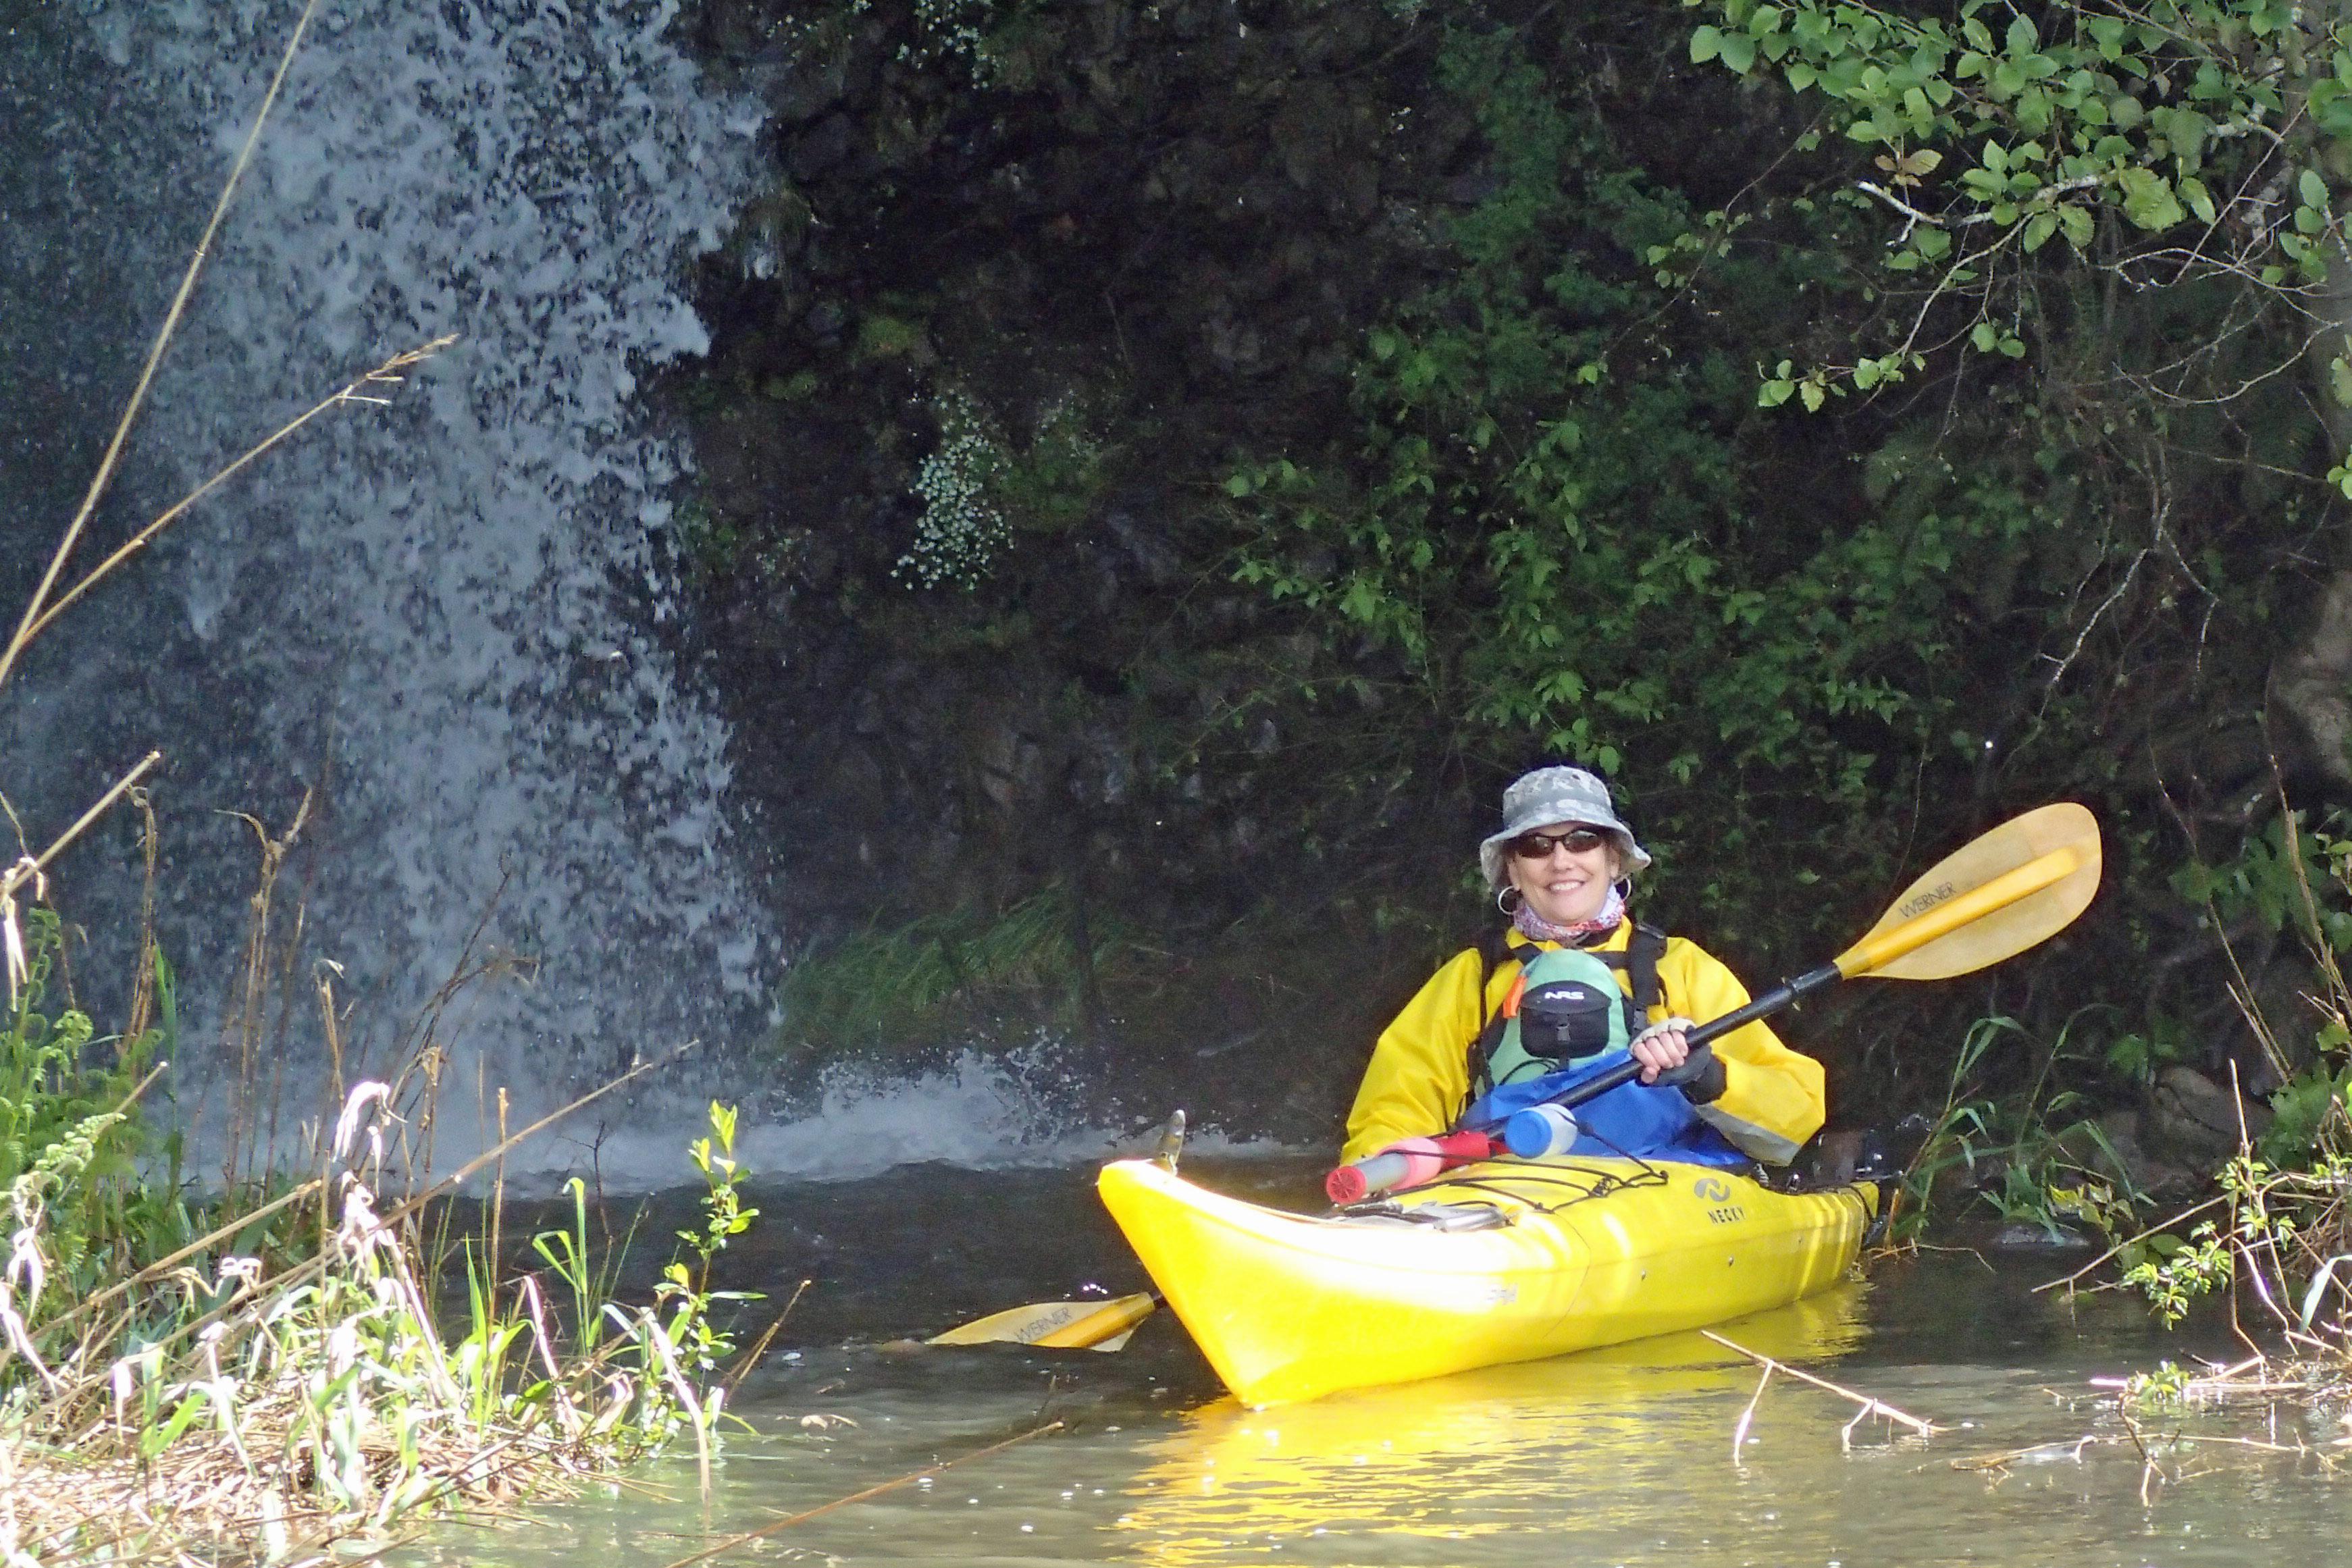 Columbia_River_kayaking